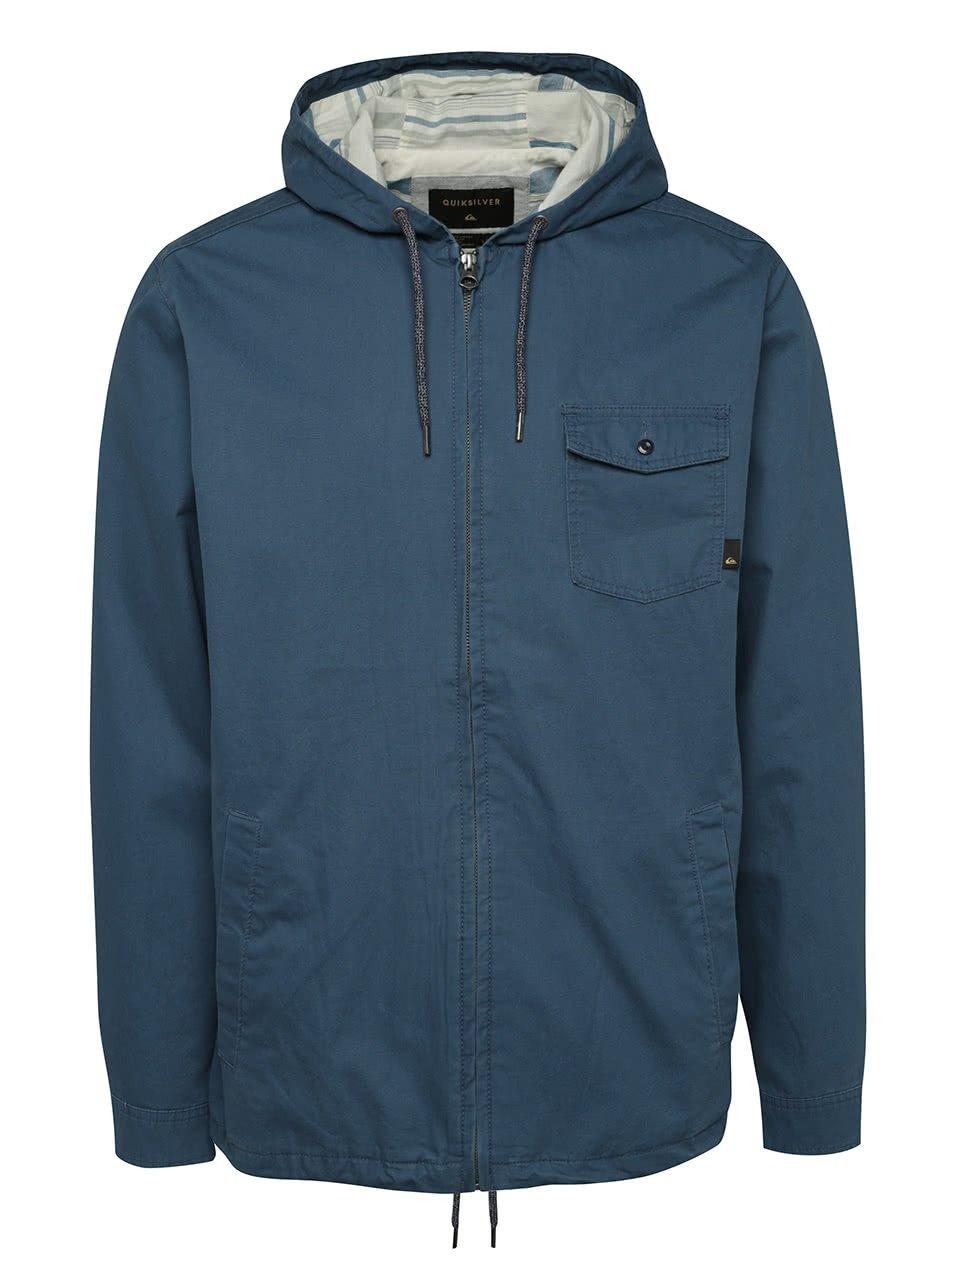 Modrá pánská bunda s kapucí Quiksilver Maxon